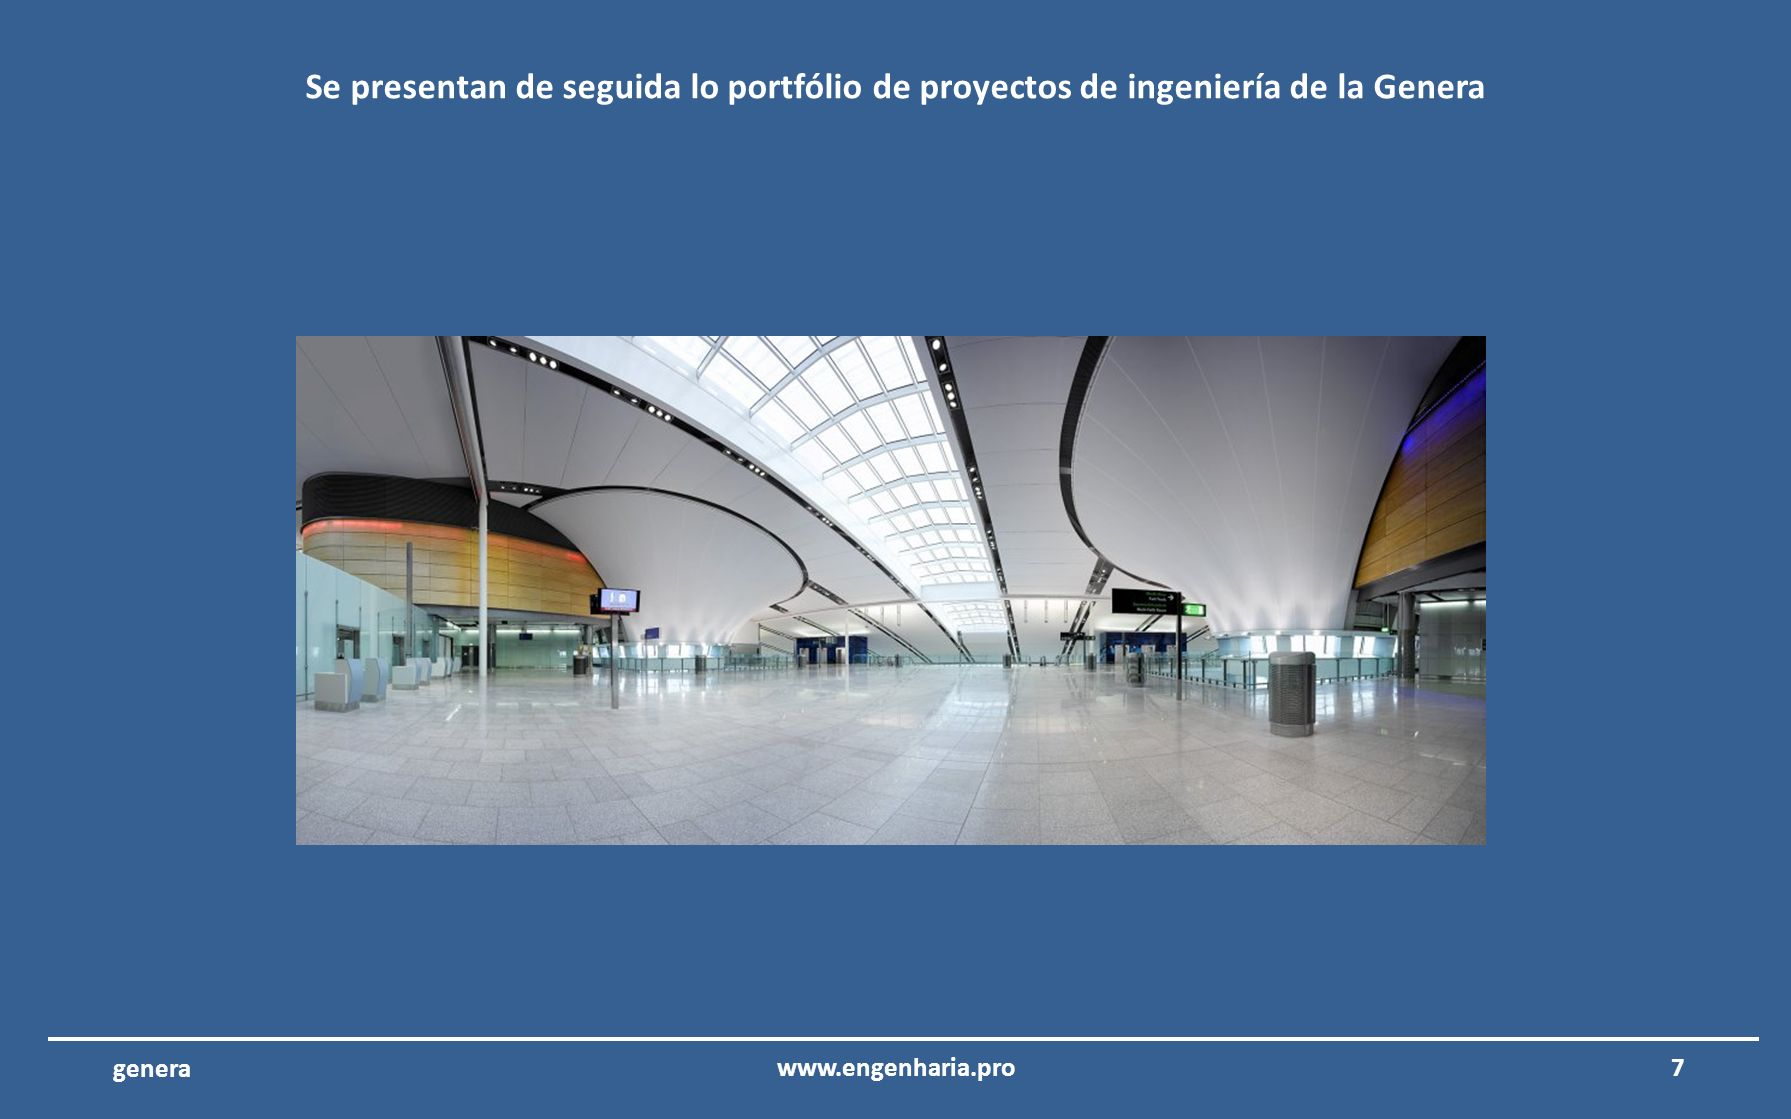 17www.engenharia.pro genera Centro de difusión RTP – Lisboa – Portugal Consultoría y revisión de proyectos de ingeniería del centro de difusión internacional de Radio y Televisión de Portugal.